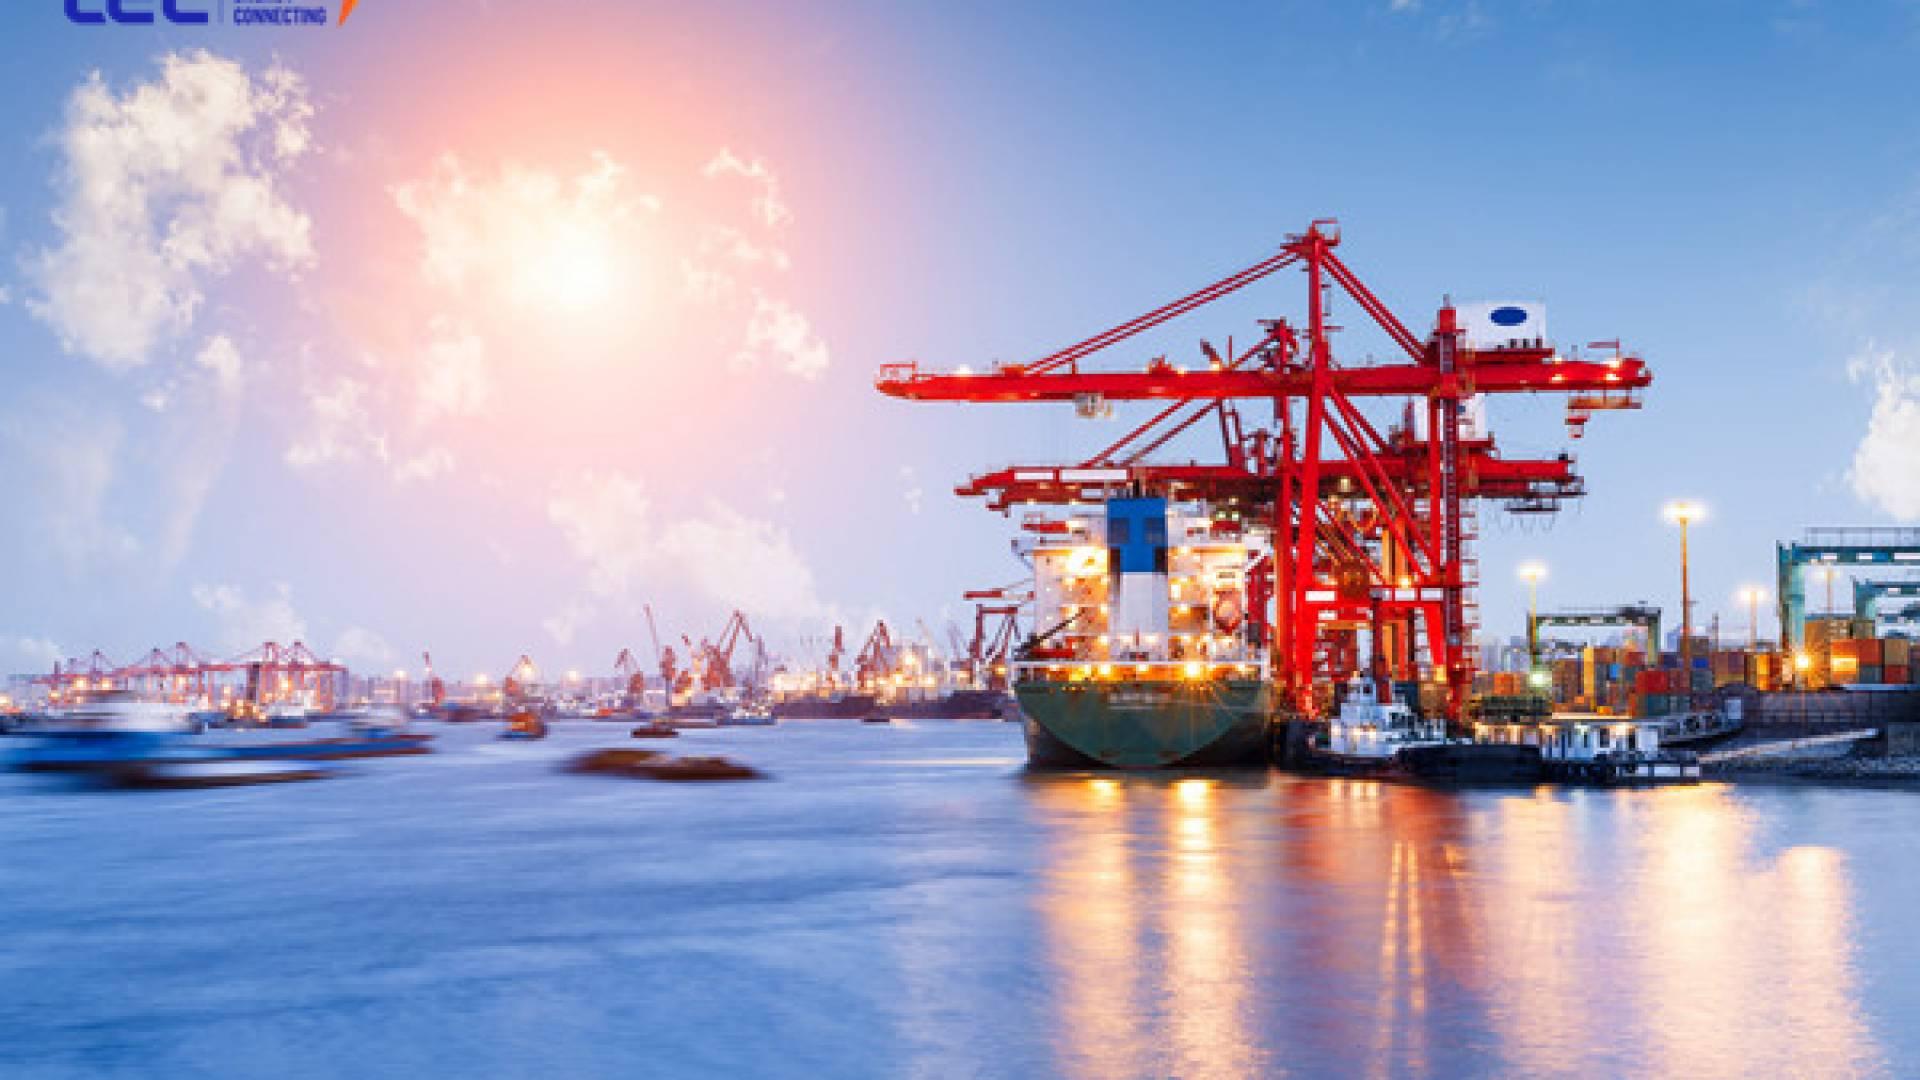 Tổng quan về mô hình dịch vụ cảng biển logistics